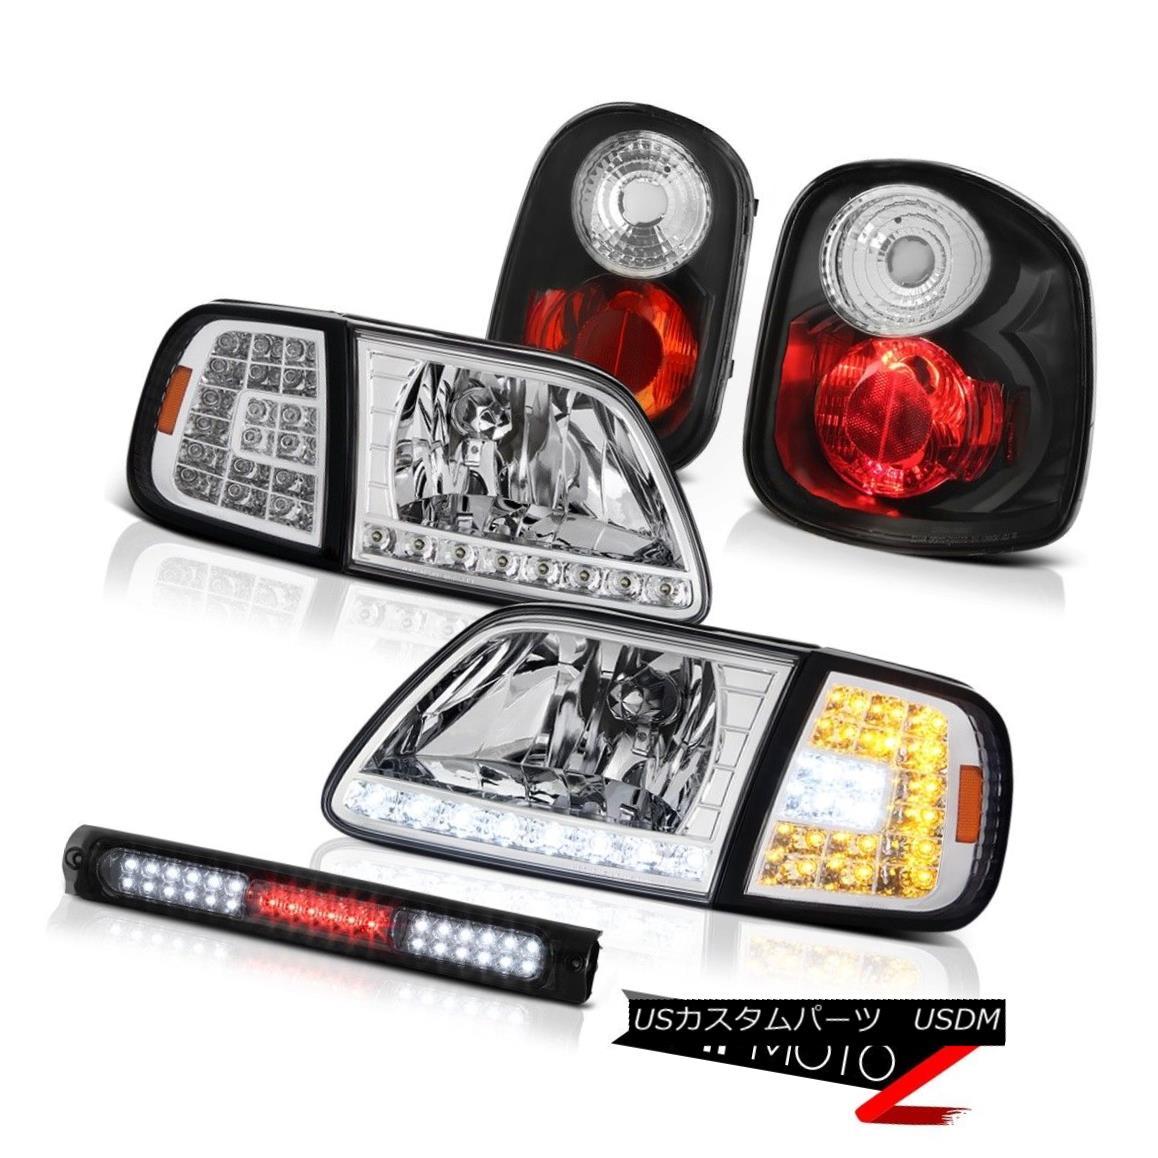 テールライト Euro SMD Bumper+Headlamps Tail Lamps 3RD LED 01 02 03 F150 Flareside Hertiage Euro SMDバンパー+ヘッドラム psテールランプ3RD LED 01 02 03 F150 Flareside Hertiage